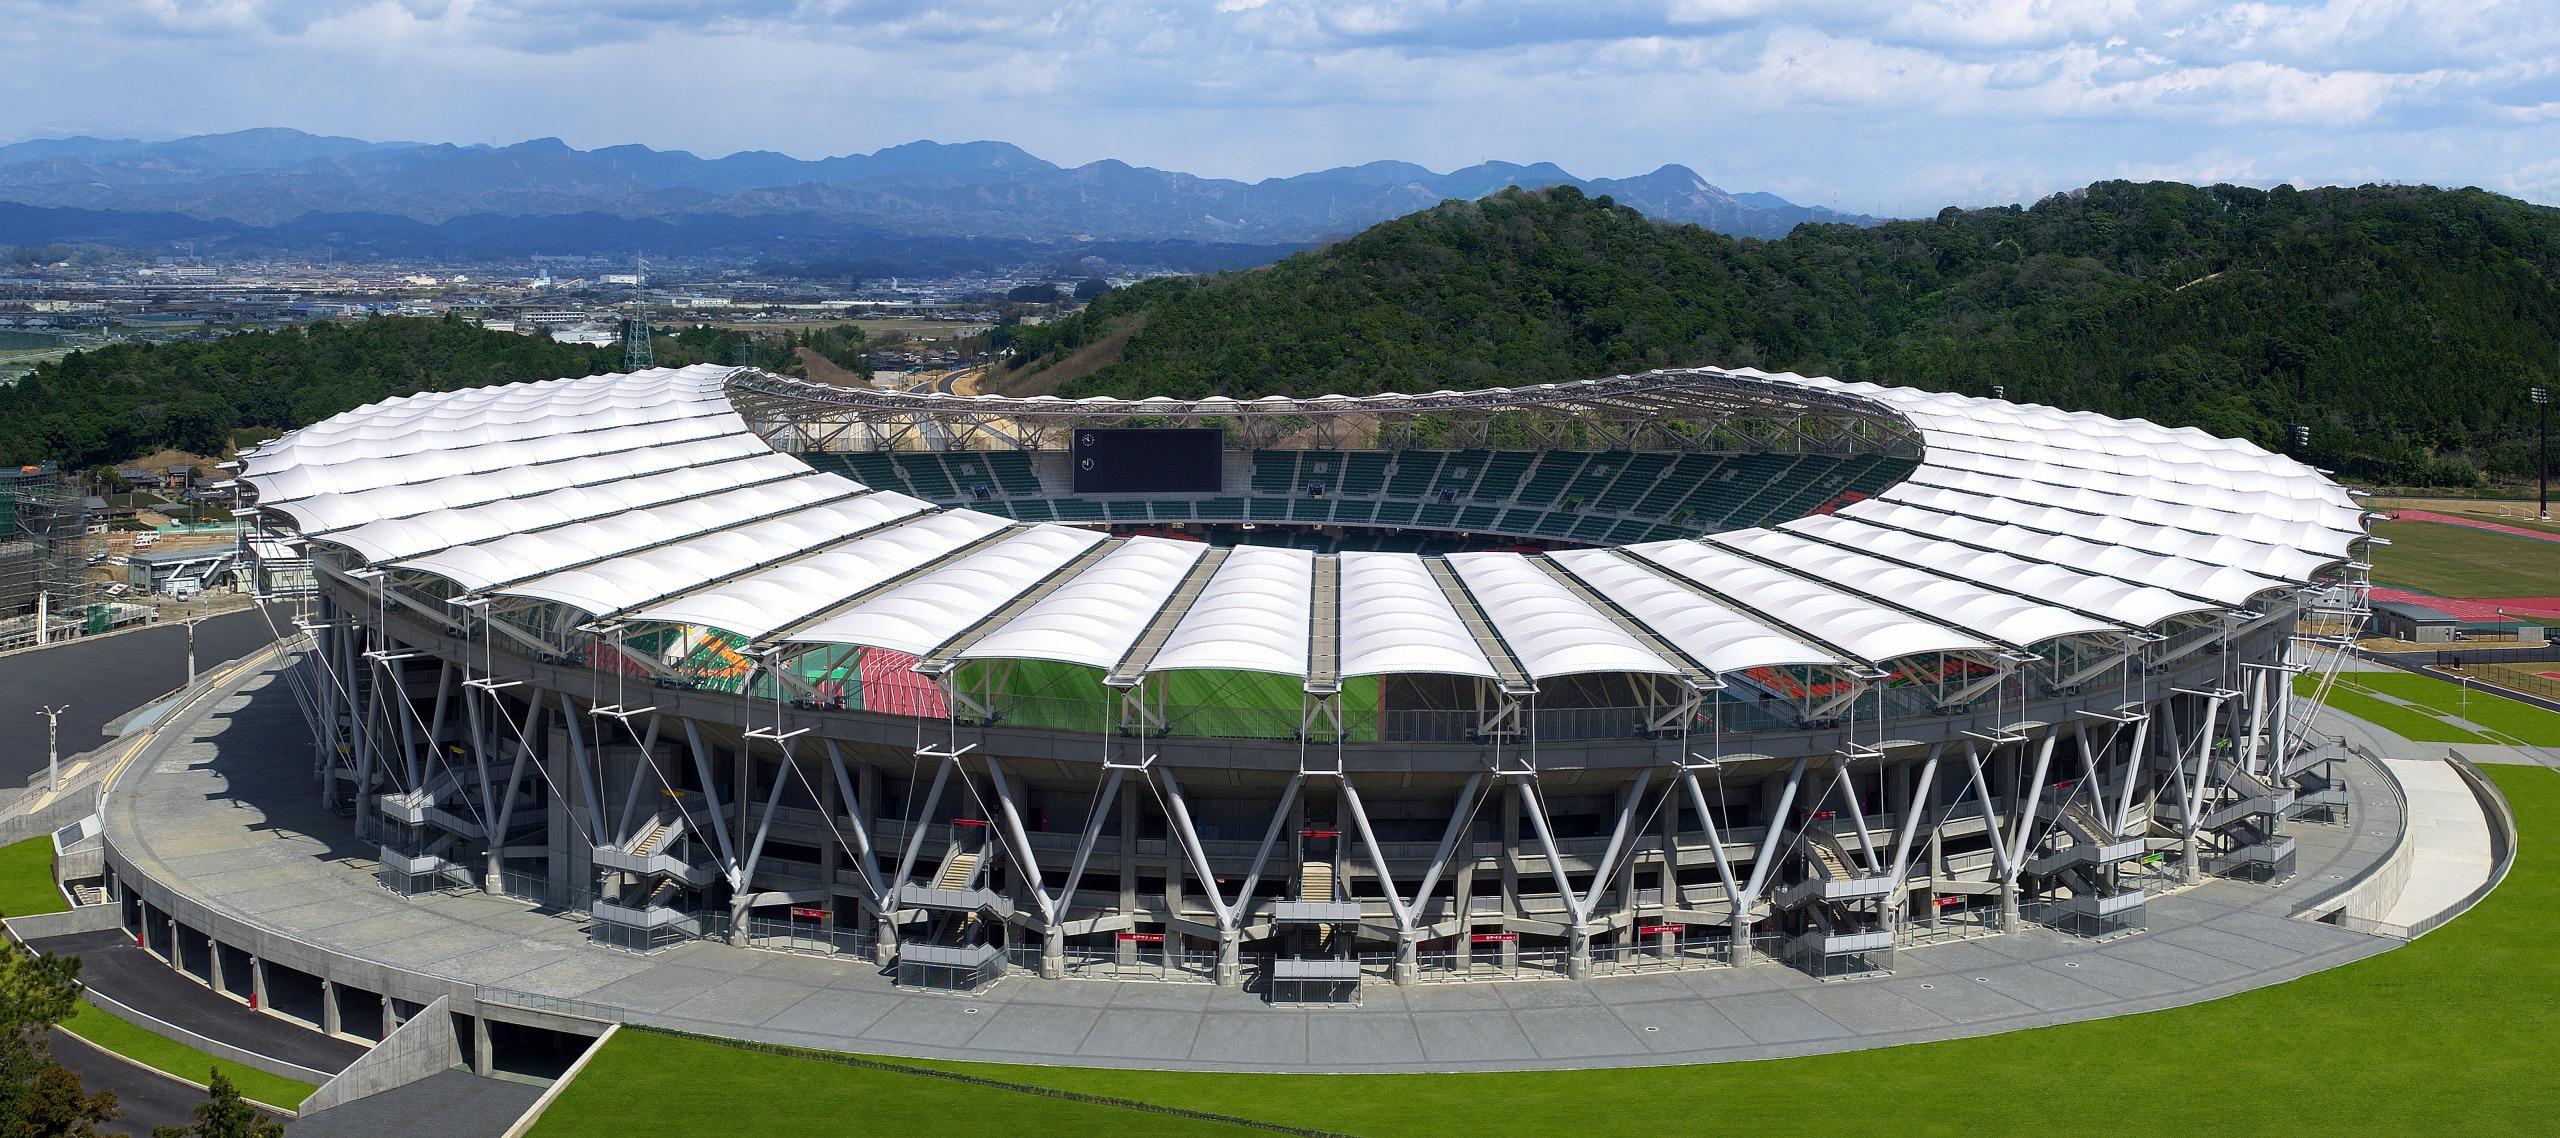 ラグビーワールドカップ2019TM開催地